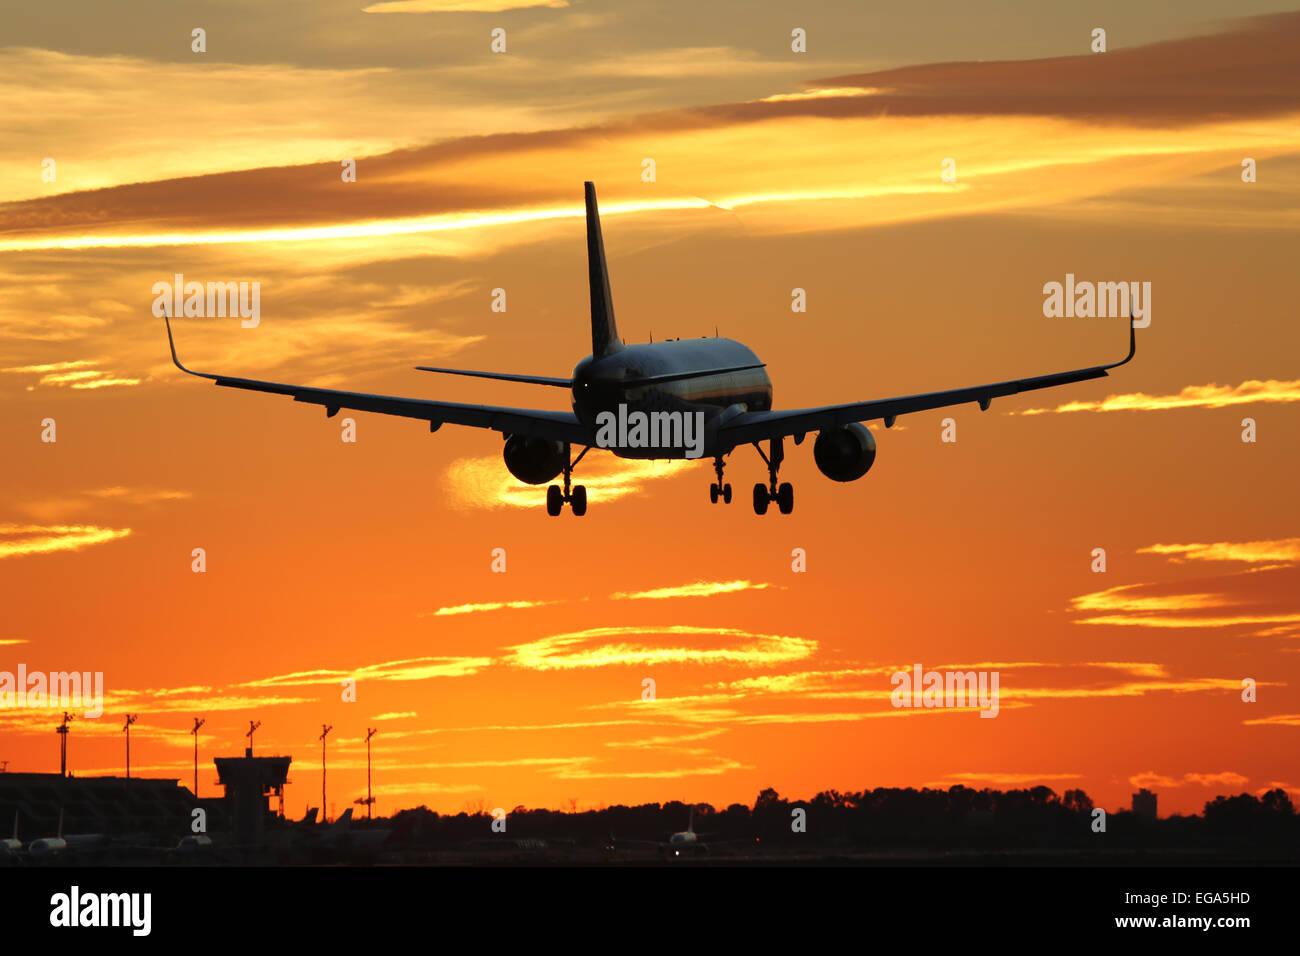 Un aeroplano atterrano in un aeroporto durante il tramonto in vacanza quando si viaggia Immagini Stock